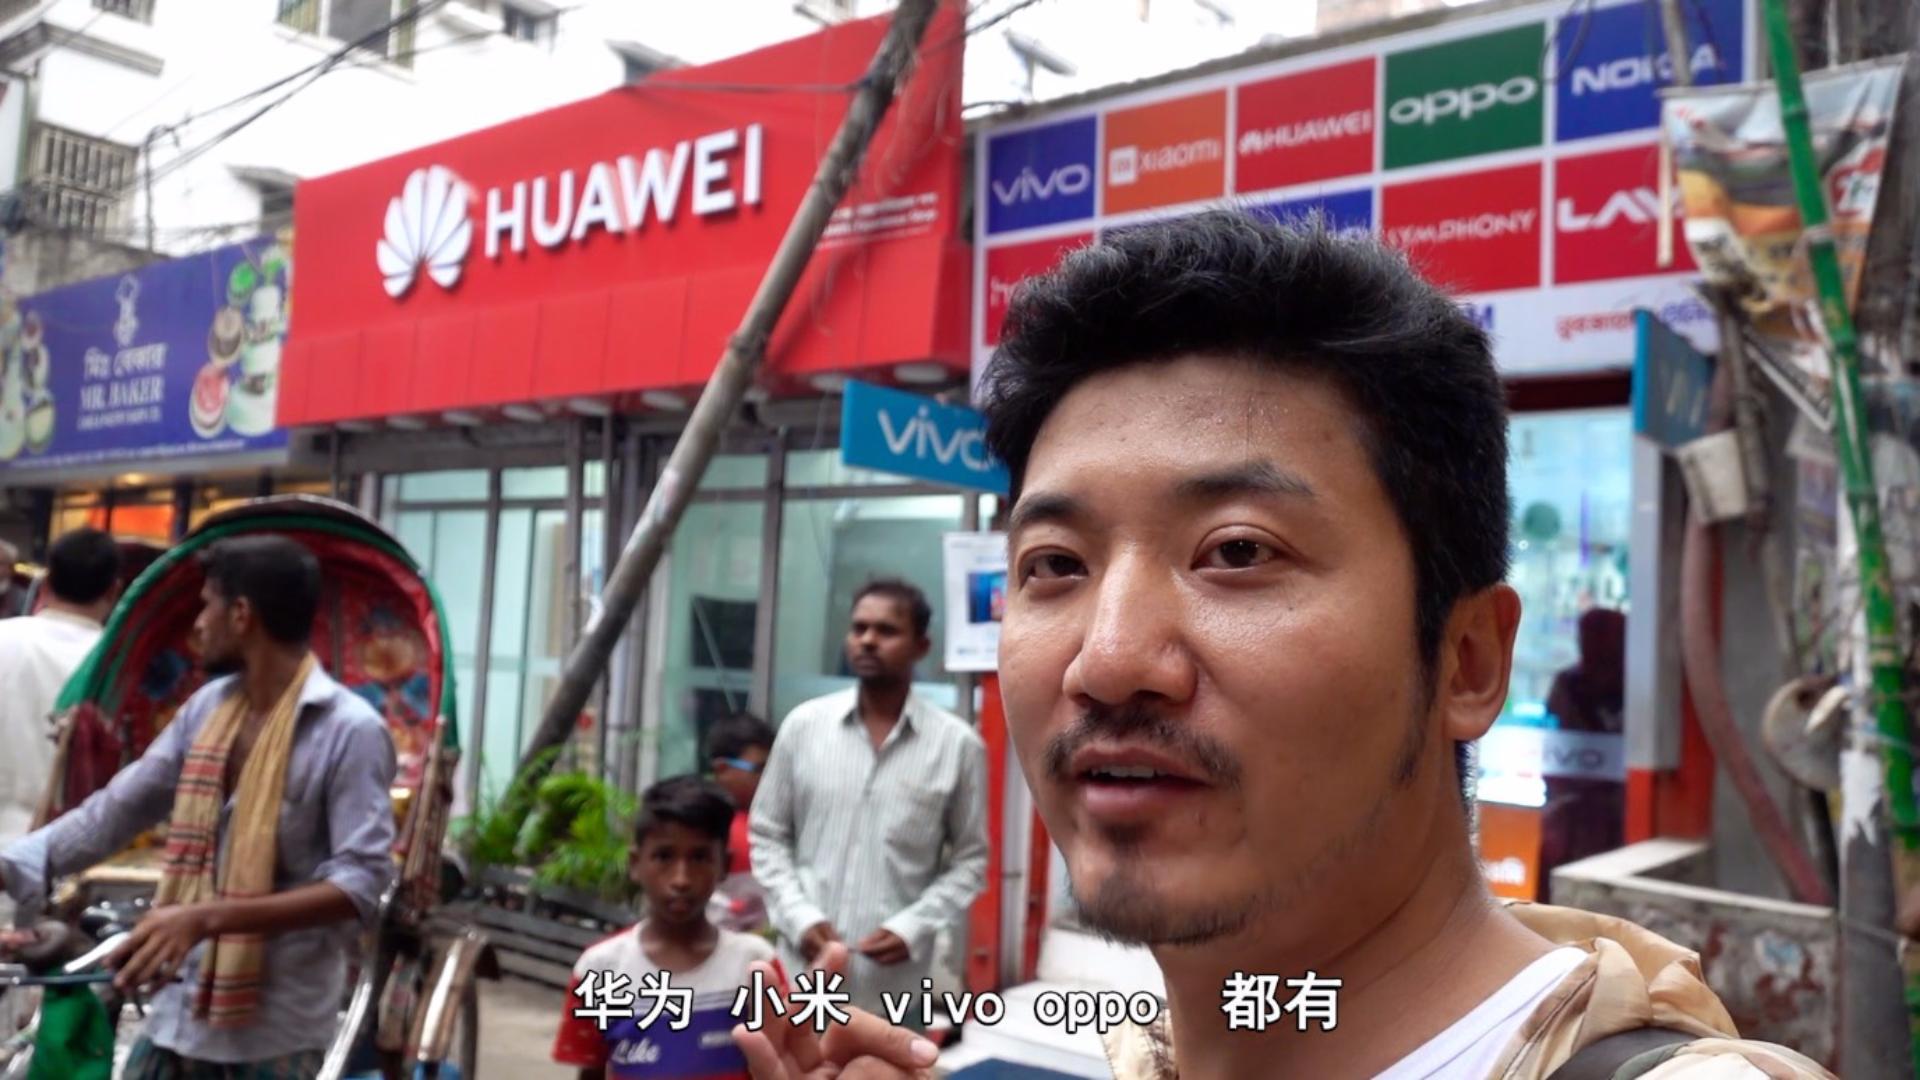 中国手机在孟加拉很受欢迎?华为不畅销,卖得最好的是这款学生机